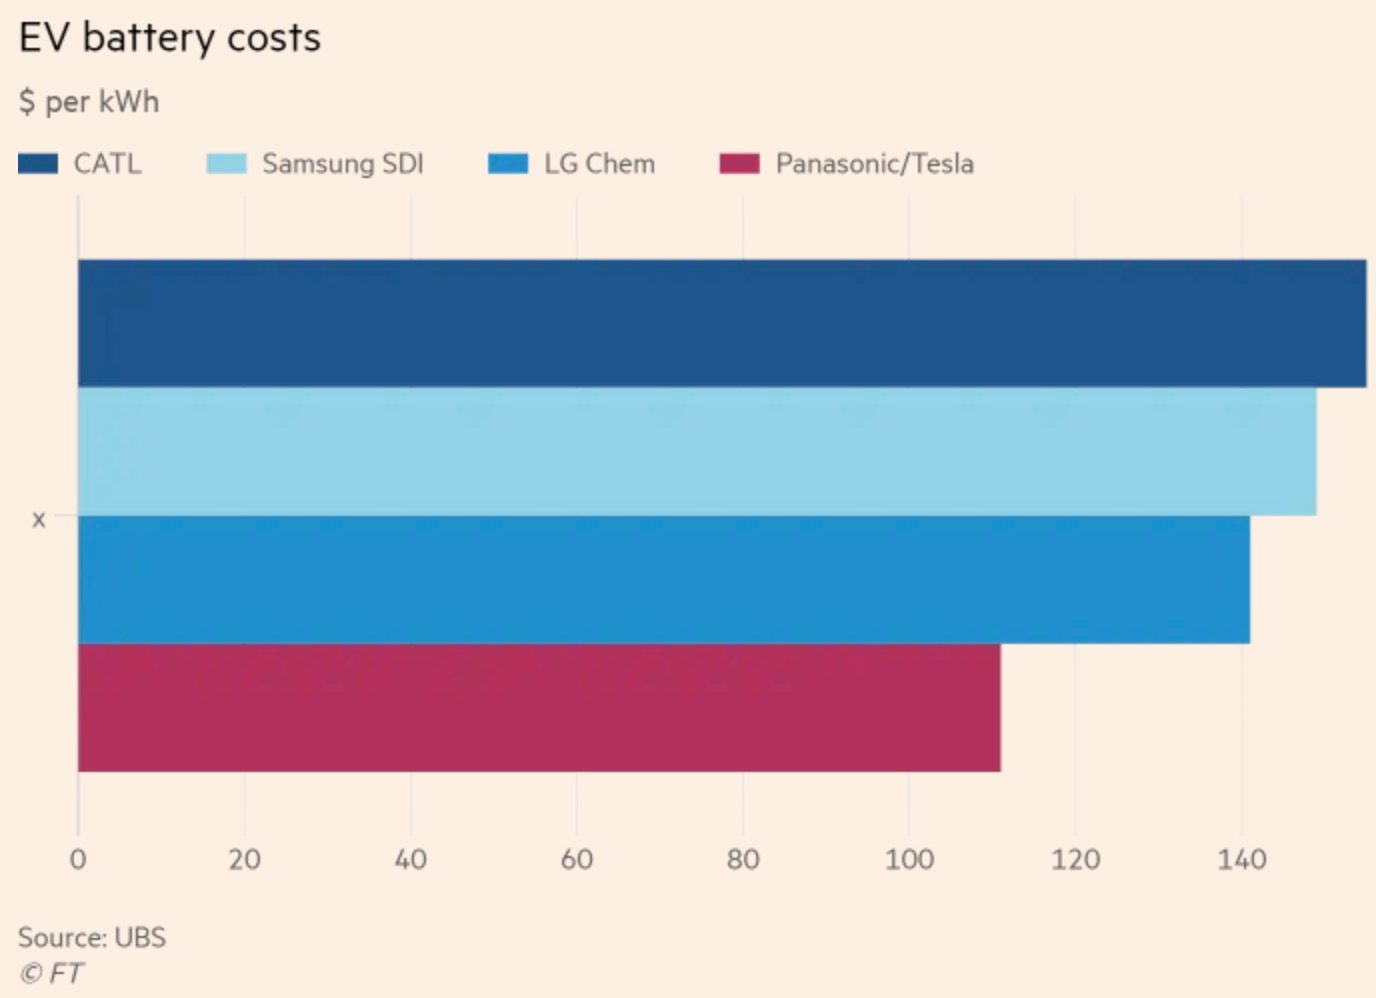 baterie elektromobily vyrobna cena porovnanie tesla